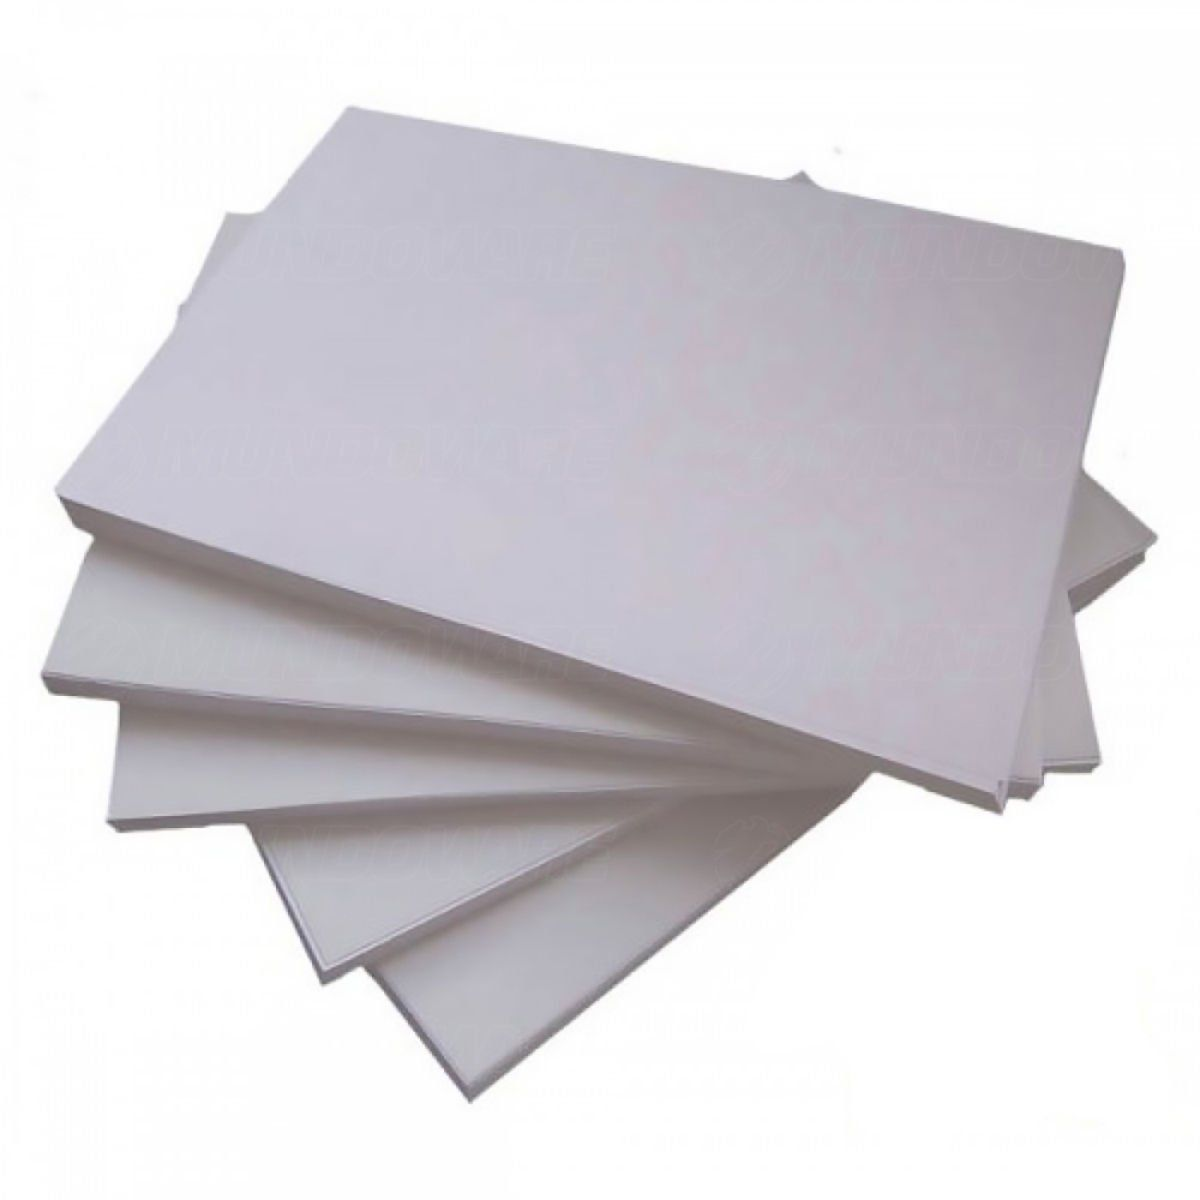 Papel Matte Fosco Fotográfico 170g A4 Branco Sem Brilho Resistente à Água / 200 Folhas